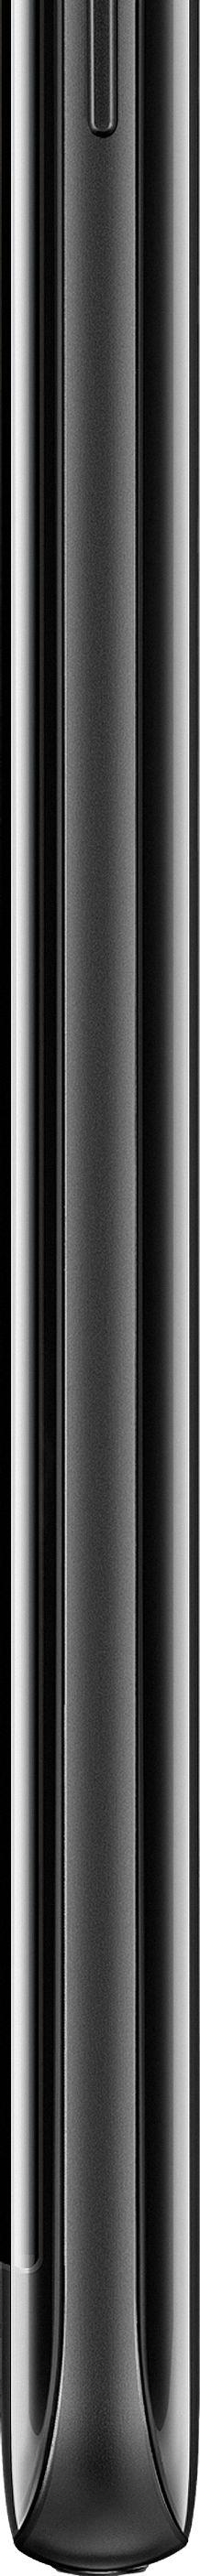 側面角度展現出Galaxy Note7完美對稱的3D雙曲面螢幕